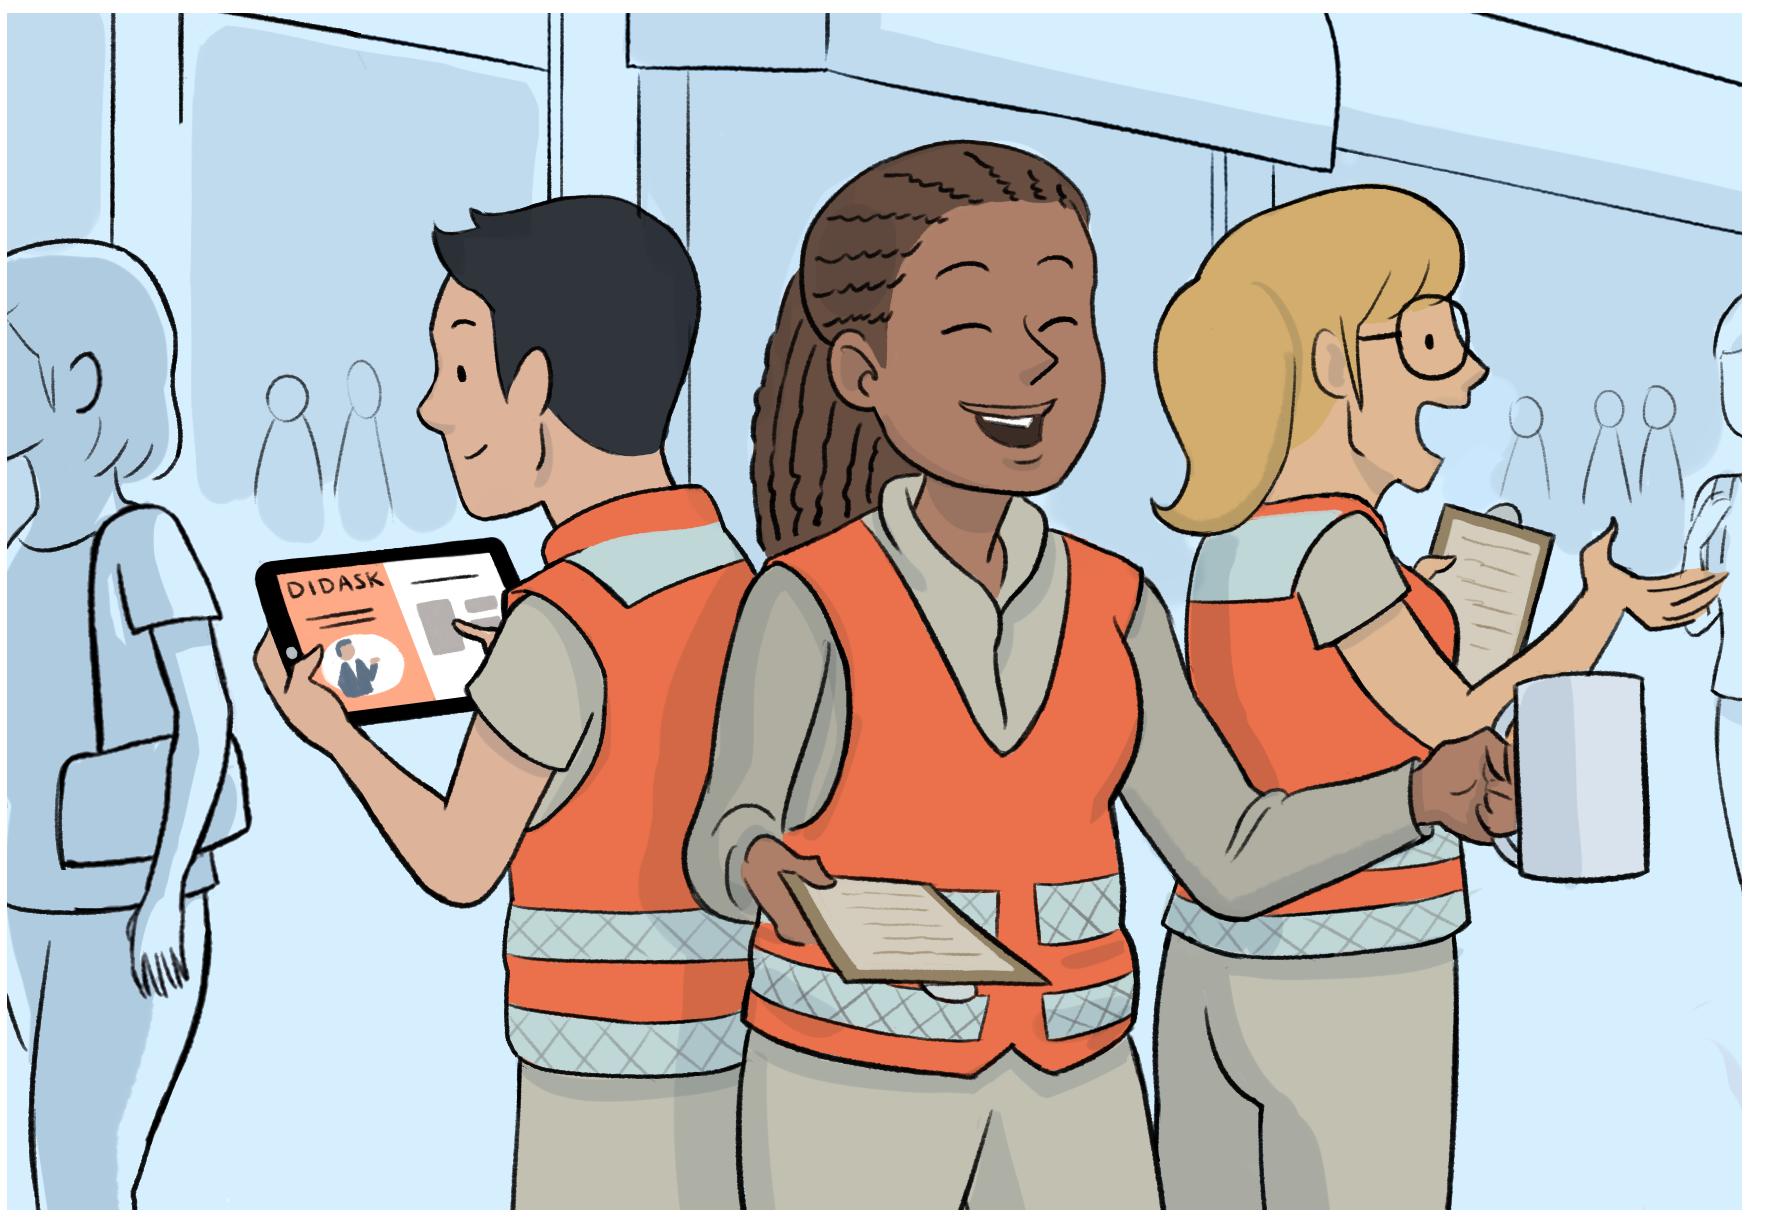 Bénévoles dans la rue, l'un d'eux est en train de se former sur sa tablette - Formation des bénévoles : le digital learning à la rescousse